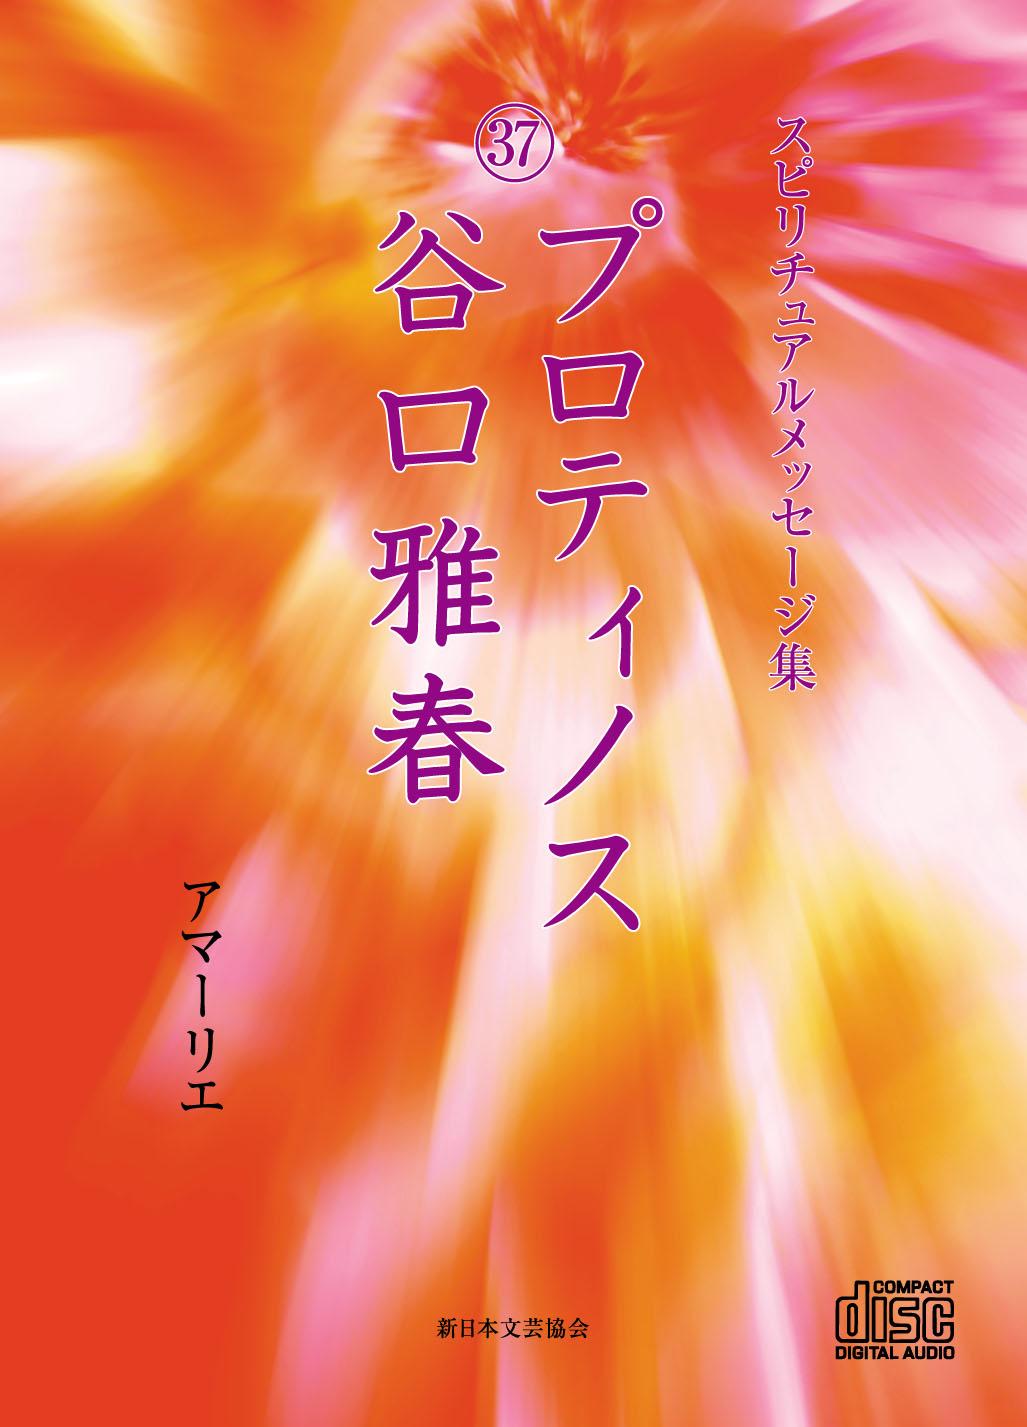 画像1: スピリチュアルメッセージ集CD 37プロティノス 谷口雅春 (1)